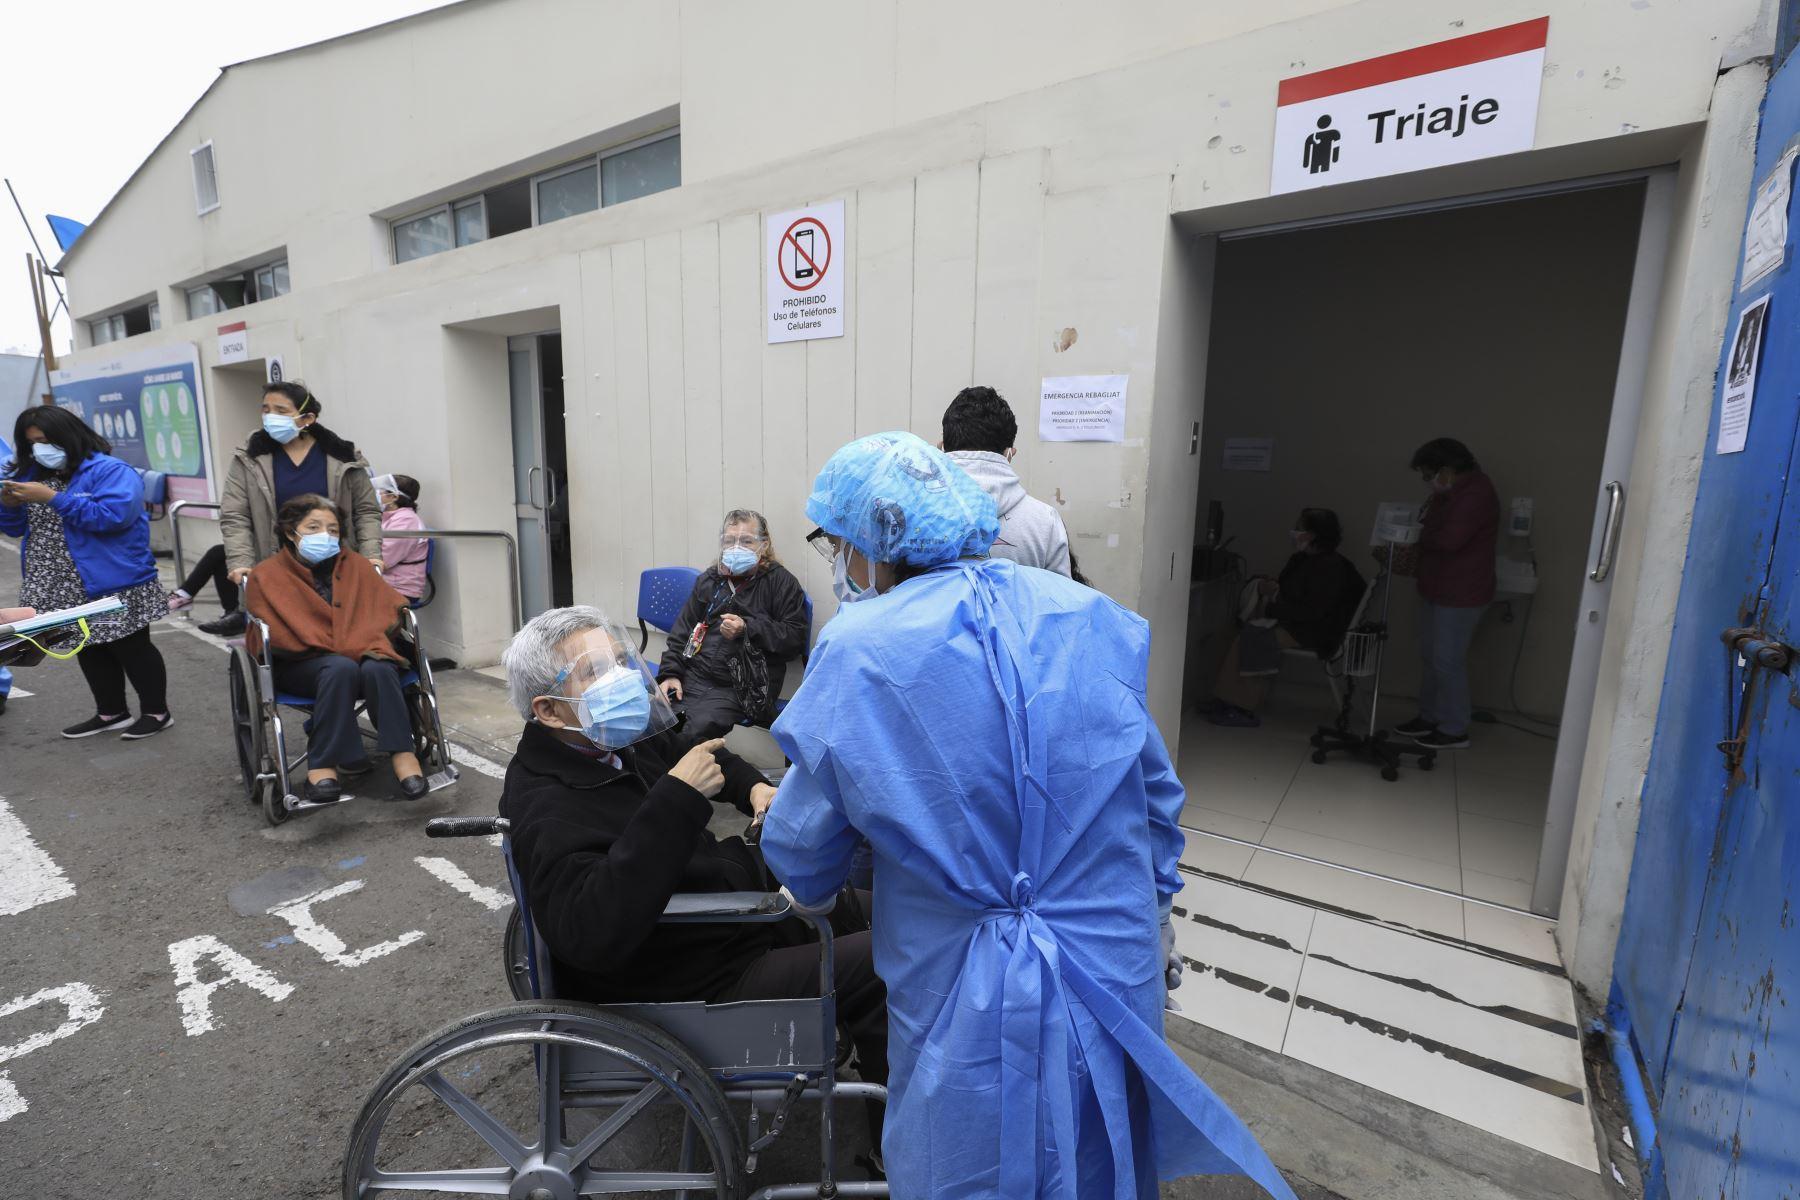 ¡Cuidado! aumenta fractura de cadera en adultos mayores durante la pandemia